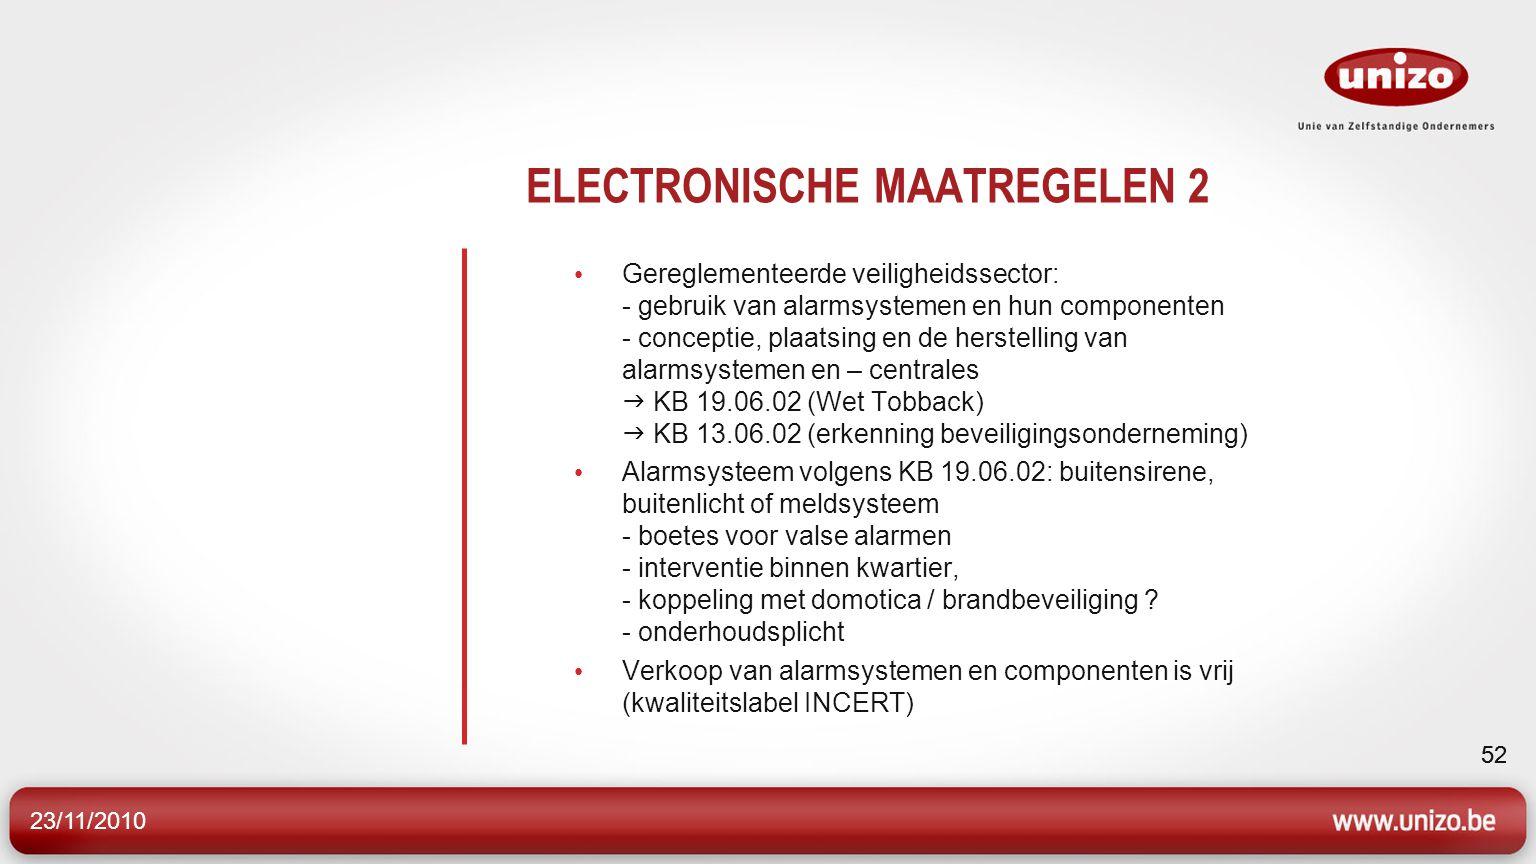 23/11/2010 52 ELECTRONISCHE MAATREGELEN 2 Gereglementeerde veiligheidssector: - gebruik van alarmsystemen en hun componenten - conceptie, plaatsing en